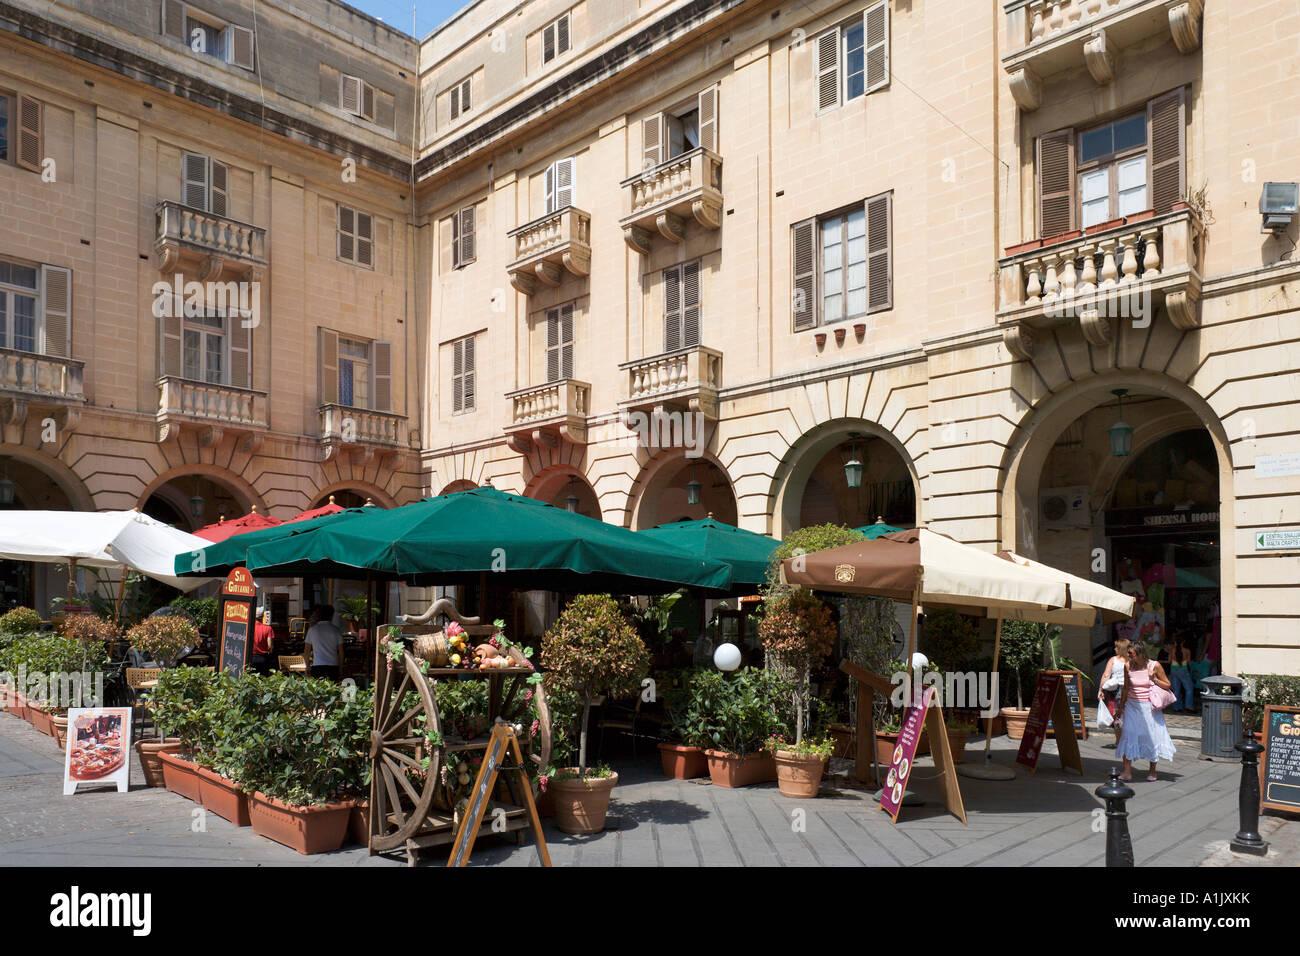 Restaurant outside St John's Co Cathedral, St John's Square, Valletta, Malta - Stock Image